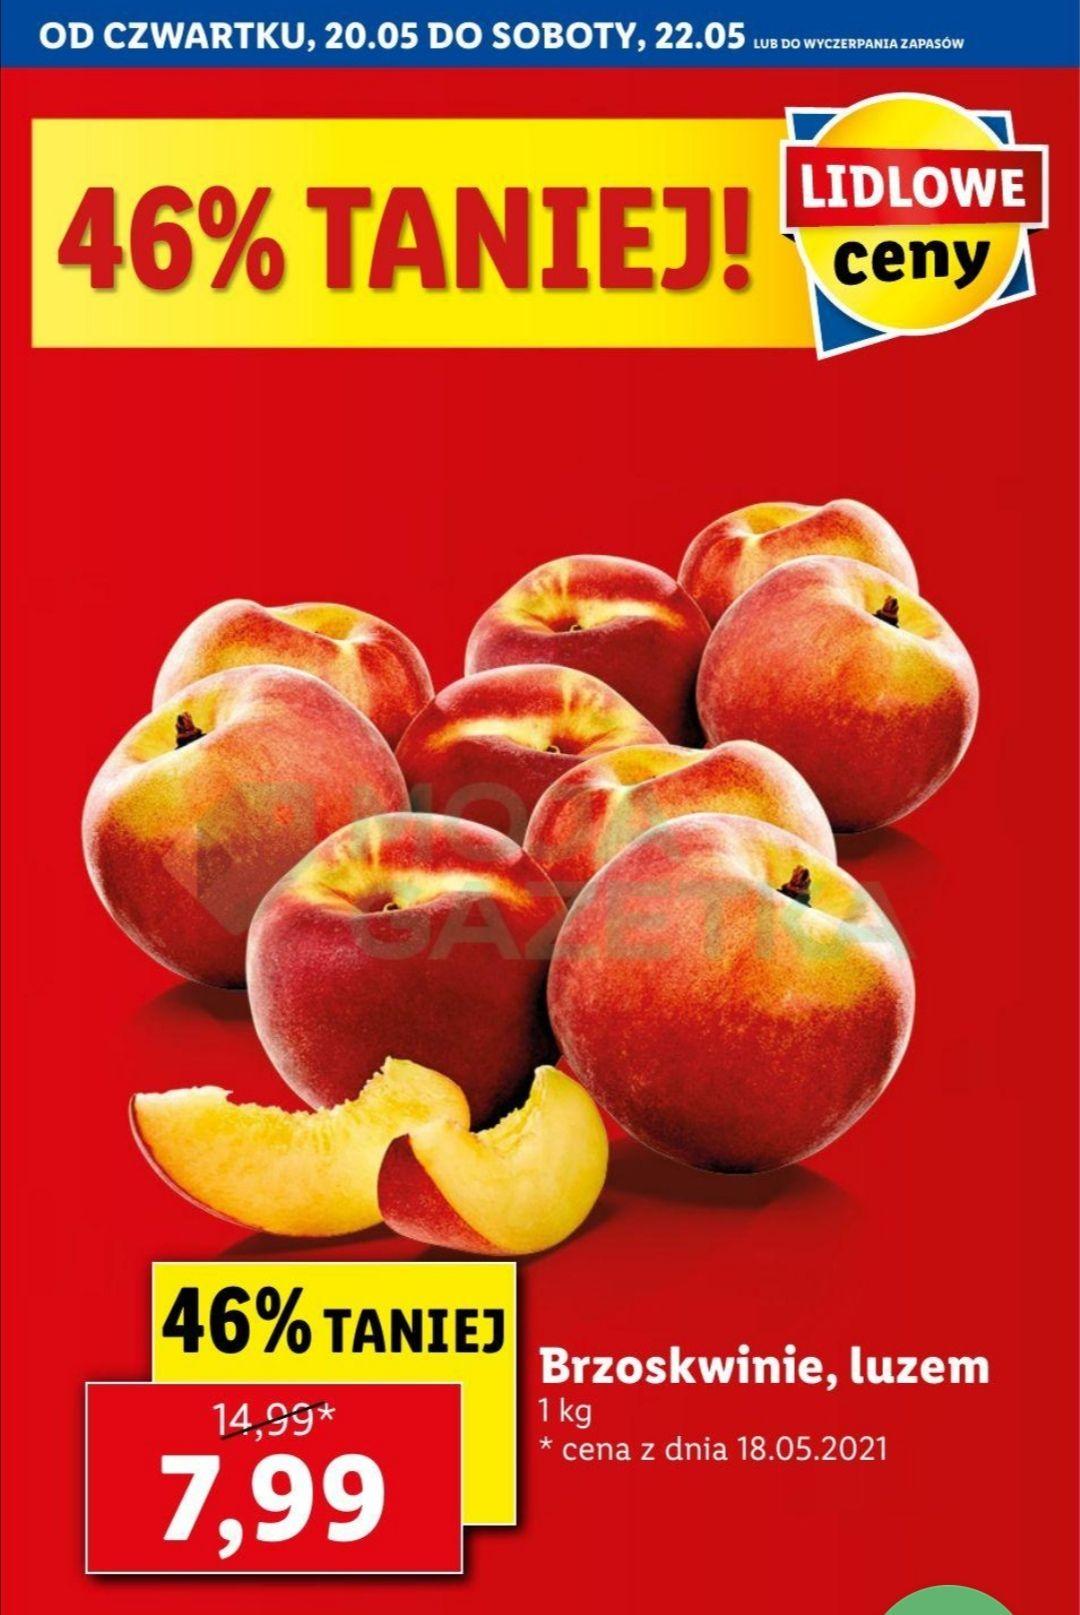 Brzoskwinie, luzem, cena za kg - lidl